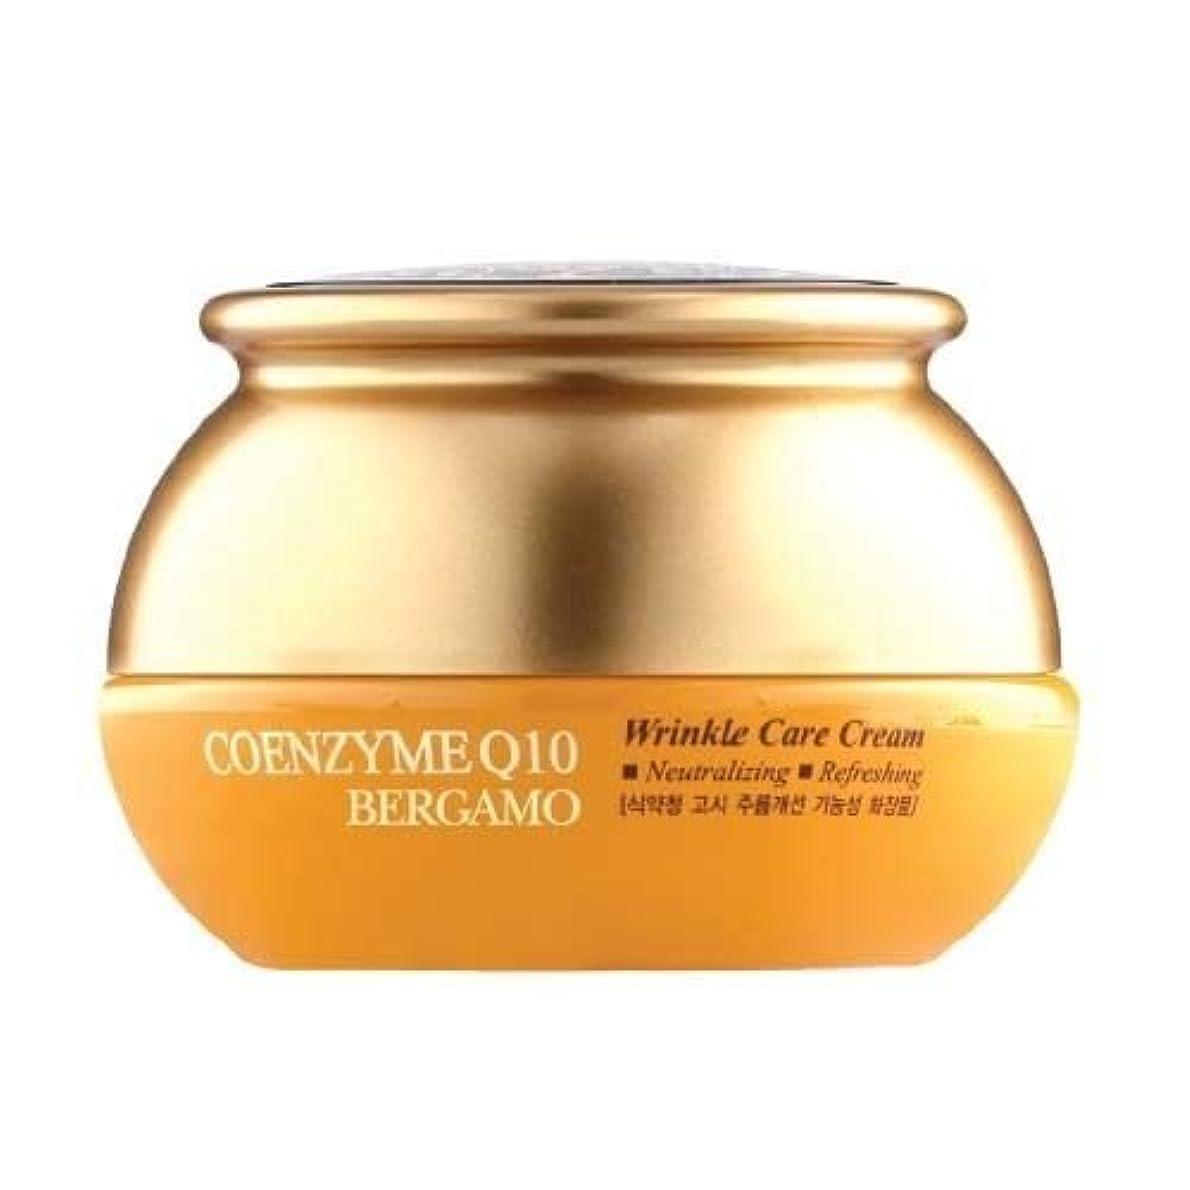 複雑な気怠い歌ベルガモ[韓国コスメBergamo]Coenzyme Q10 Wrinkle Care Cream コエンザイムQ10リンクルケアクリーム50ml しわ管理 [並行輸入品]